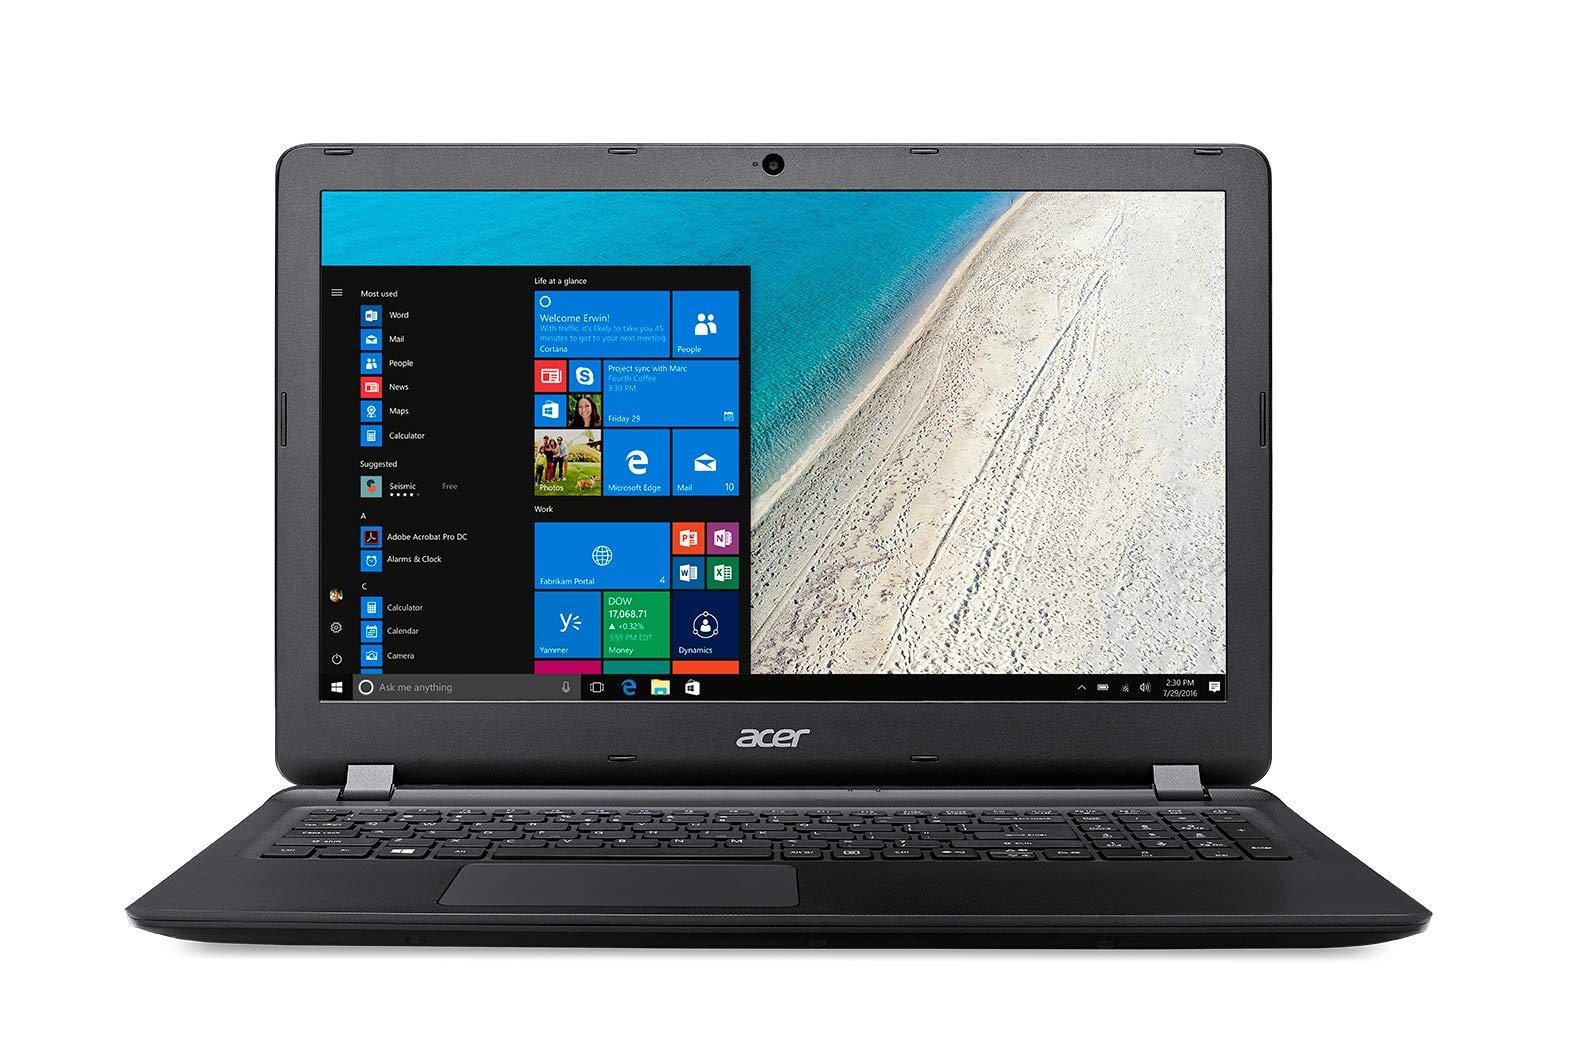 Acer Extensa 15 2540-53W6 – Ordenador Portátil 15.6″ HD (Intel Core I5-7200U, 8 GB de Ram, HDD de 1 TB, Intel HD Graphics 620, Windows 10 Home) Negro – Teclado QWERTY Español